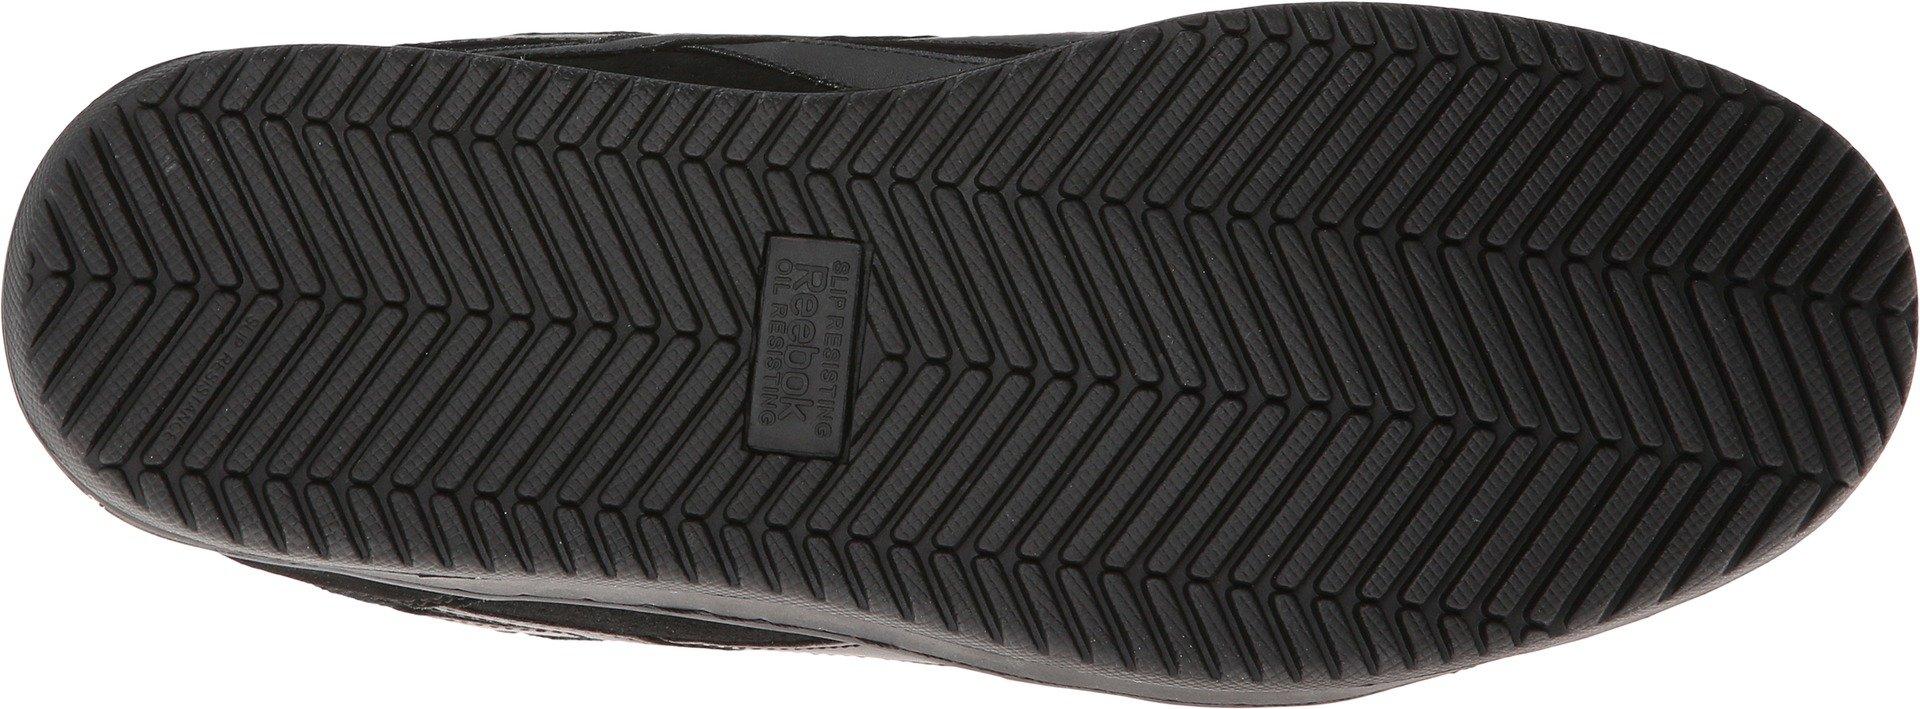 Reebok Men's Work Soyay Steel Toe Sneaker Black 5 M by Reebok (Image #2)